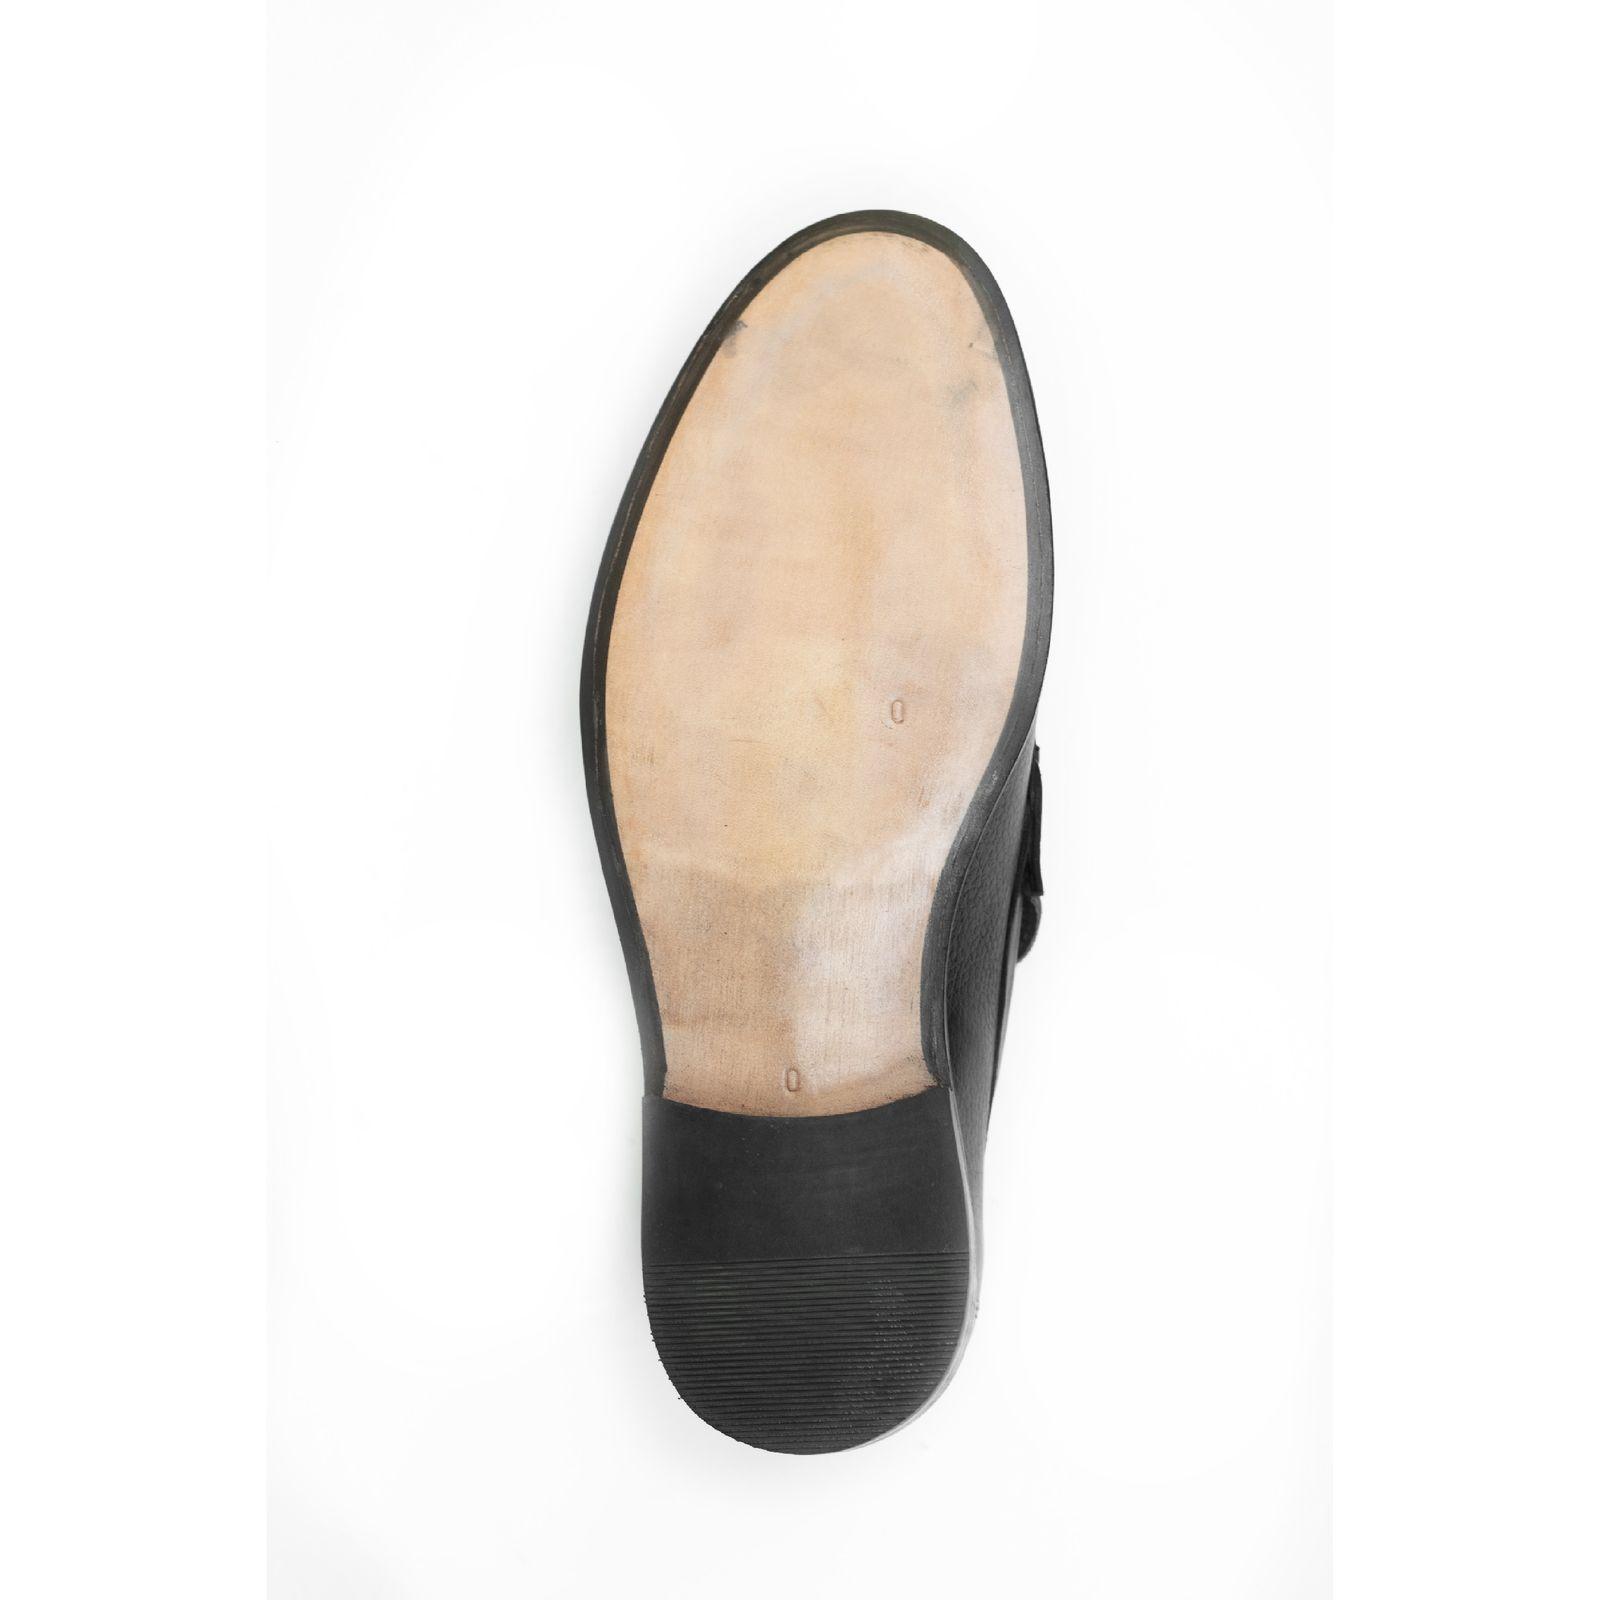 کفش مردانه کد 1200 -  - 3